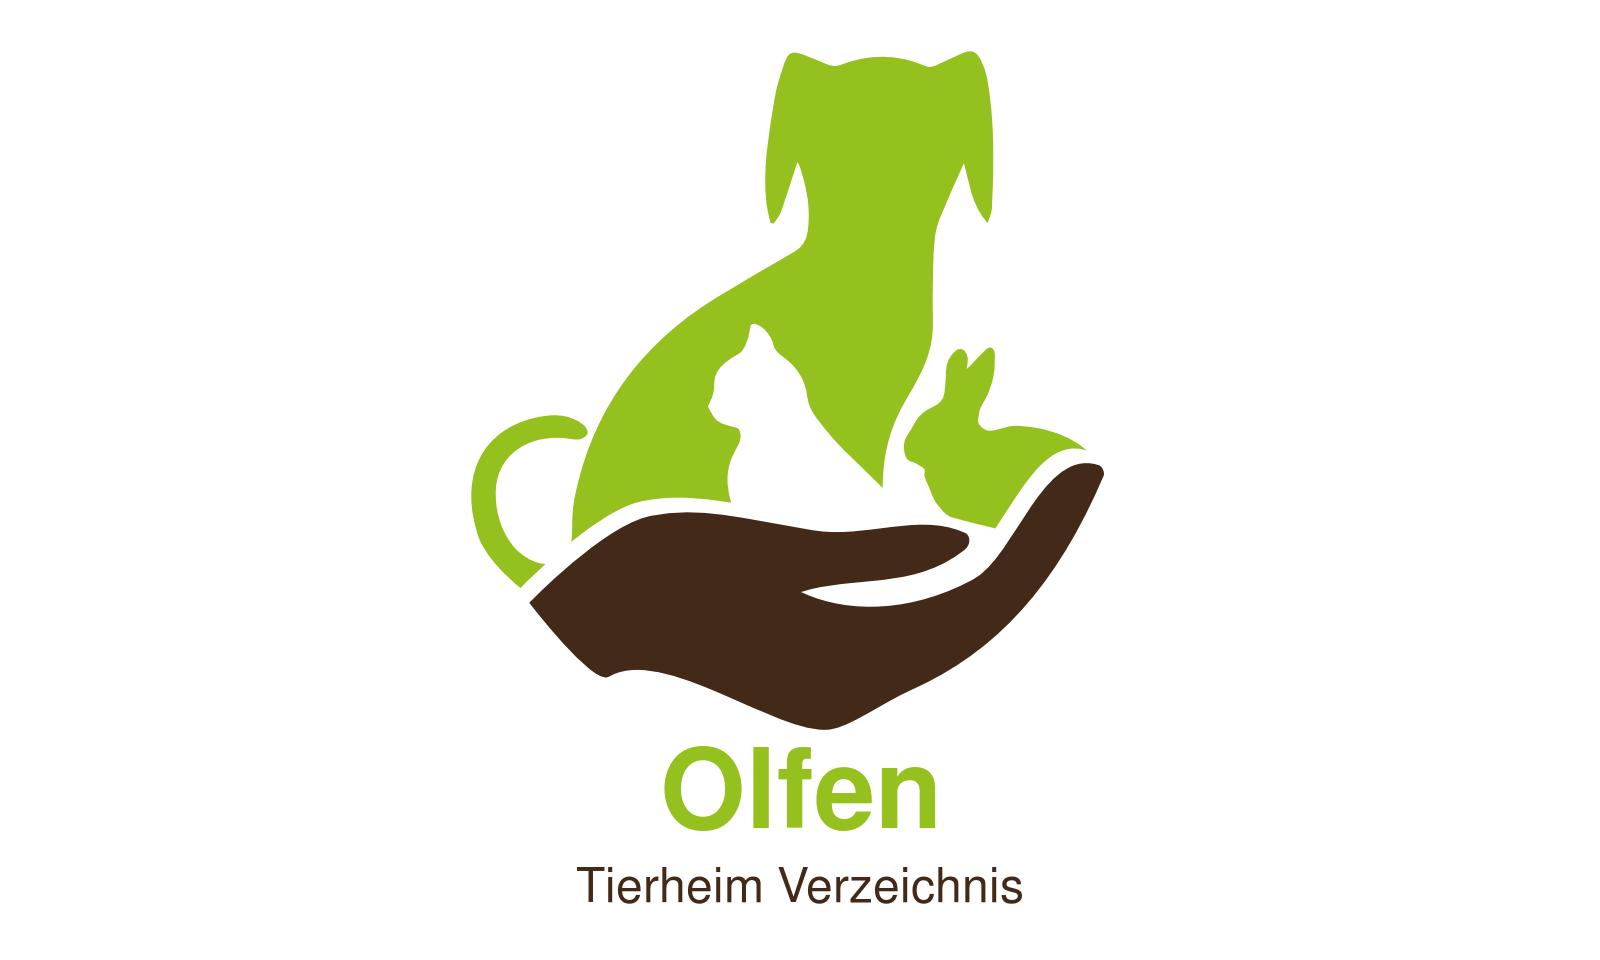 Tierheim Olfen